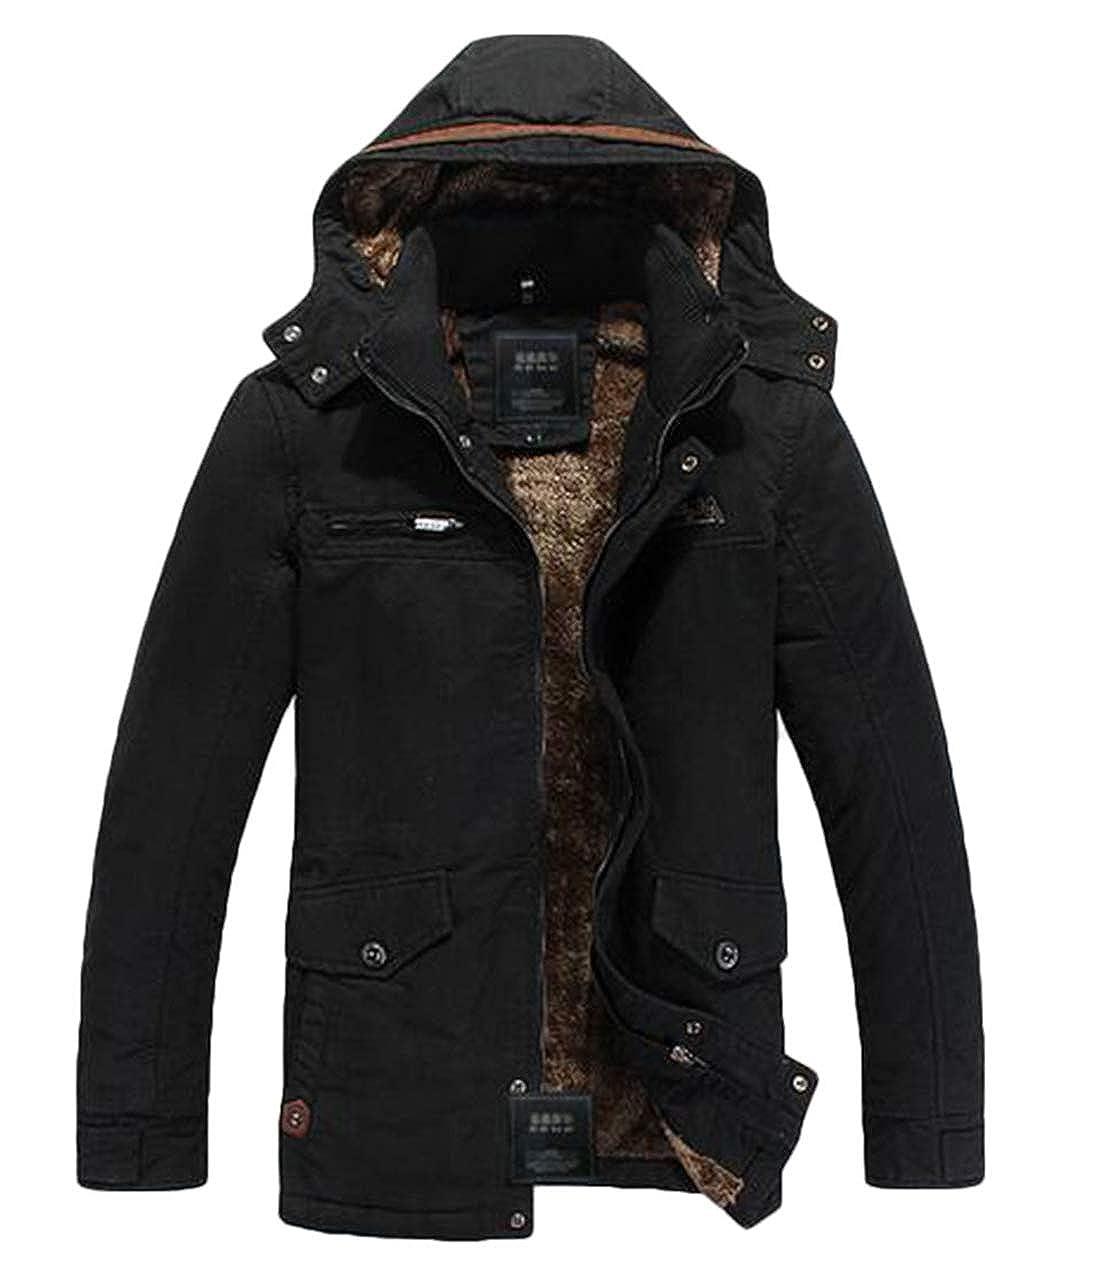 Spirio Men Warm Fleece Lined Cotton Vintage Winter Hooded Outwear Coat Parka Jacket